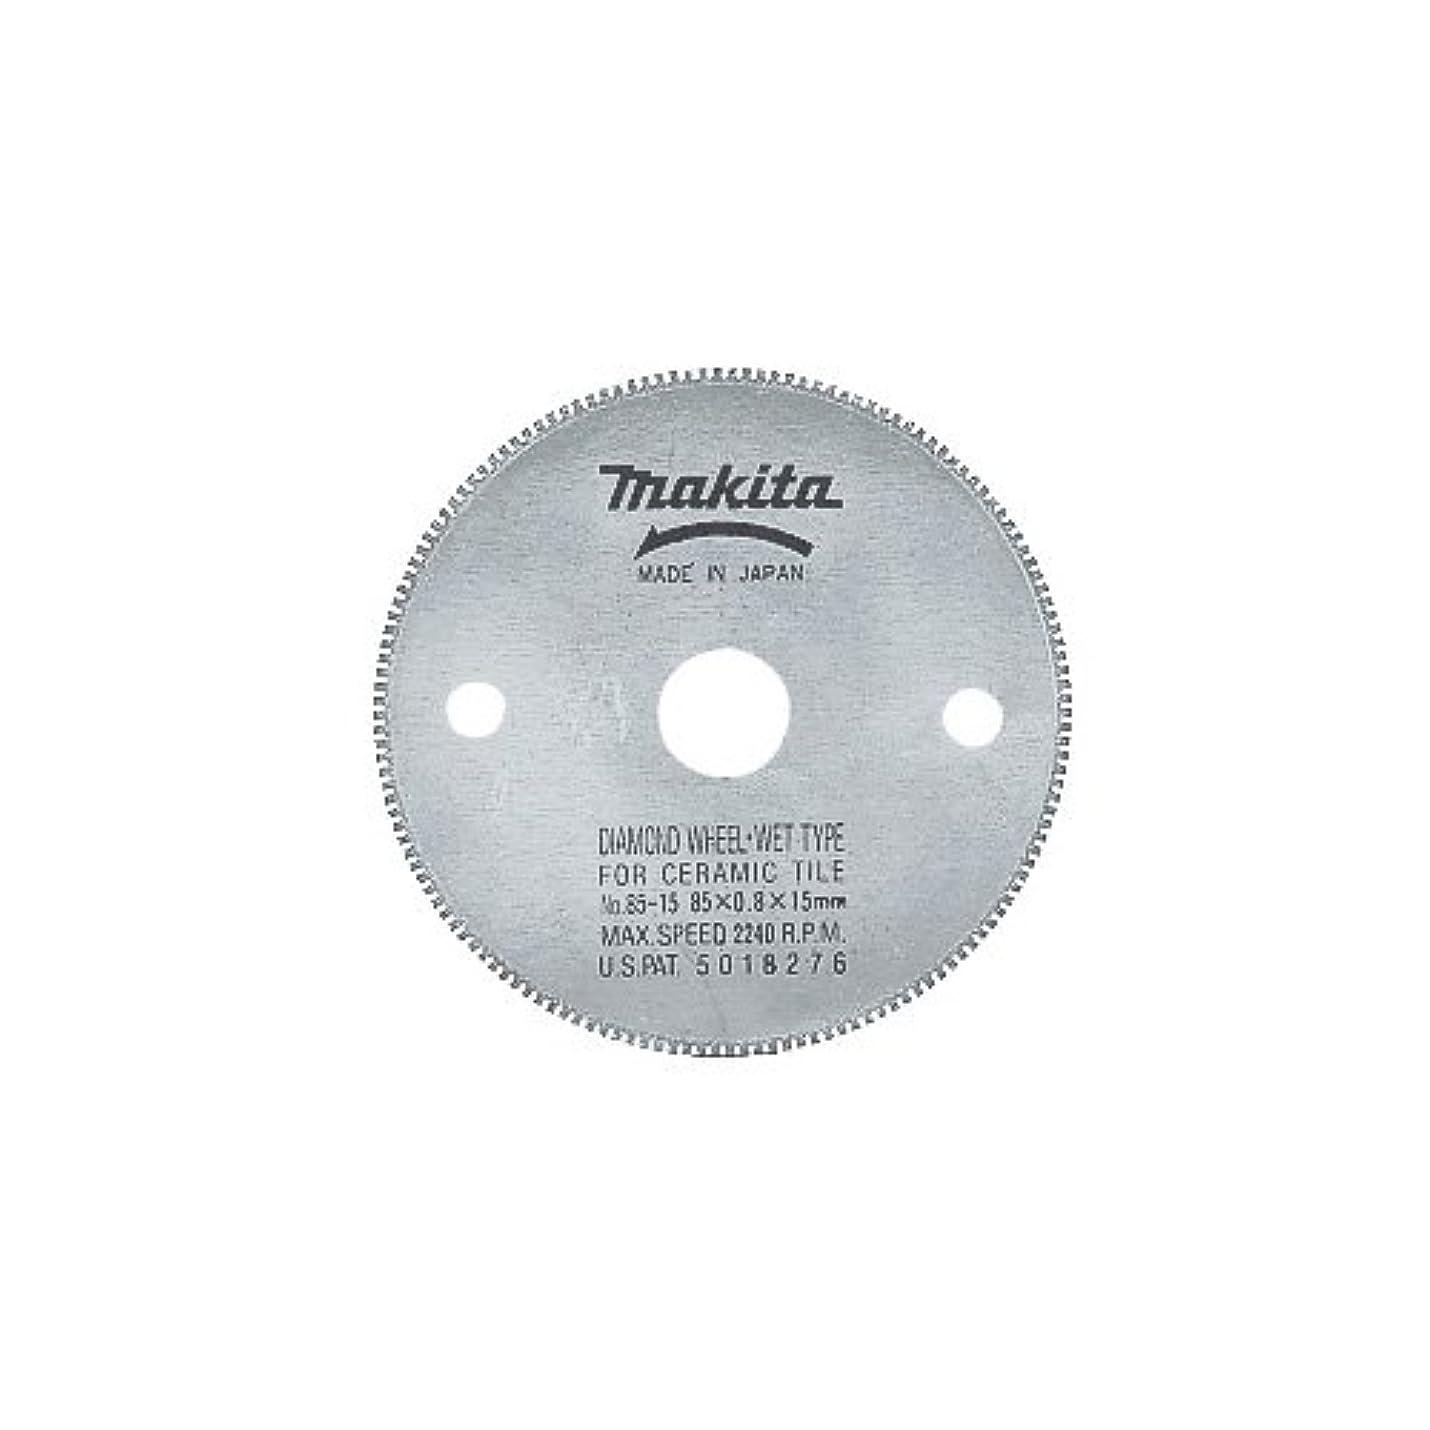 メールを書くカイウス押すマキタ(Makita) ダイヤモンドホイール 外径85mm 湿式 A-33059